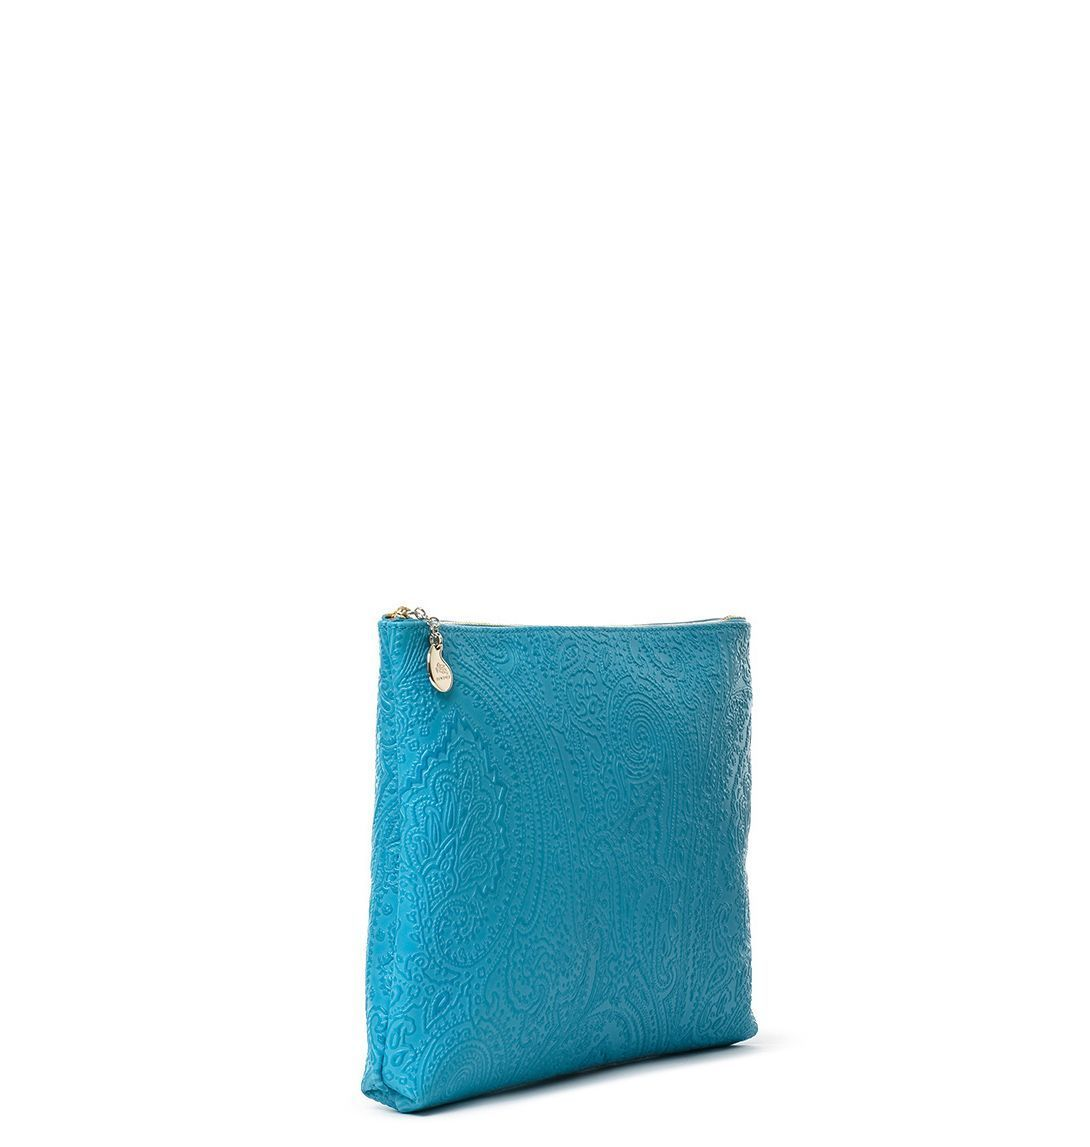 ETRO WOMEN'S 1E3802744250 LIGHT BLUE LEATHER DOCUMENT HOLDER